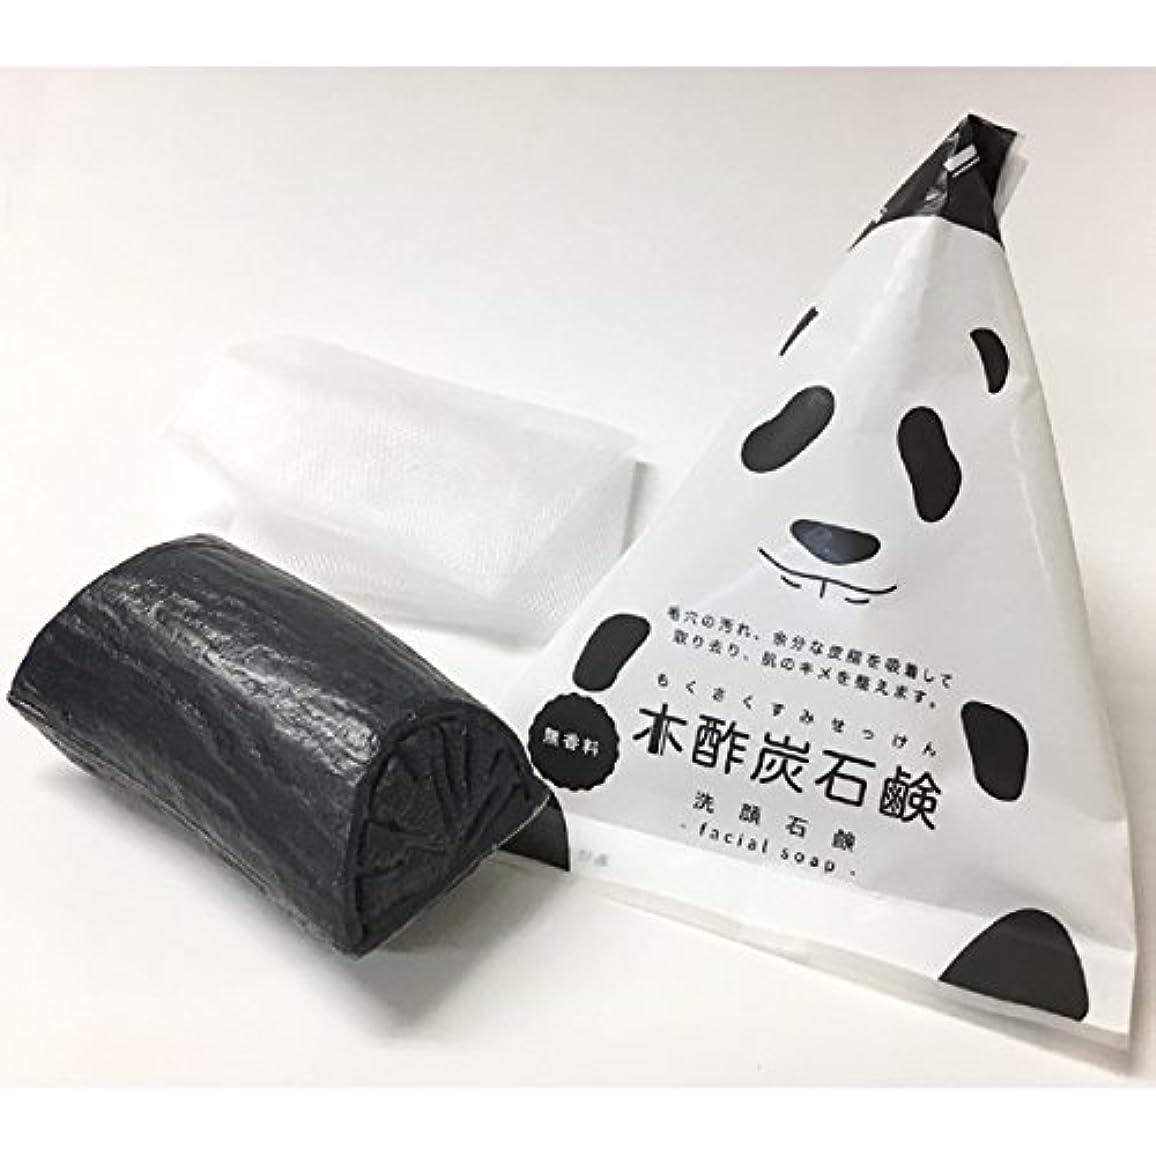 メモ推進力放射性木酢炭泥棒石鹸120g(2個セット)